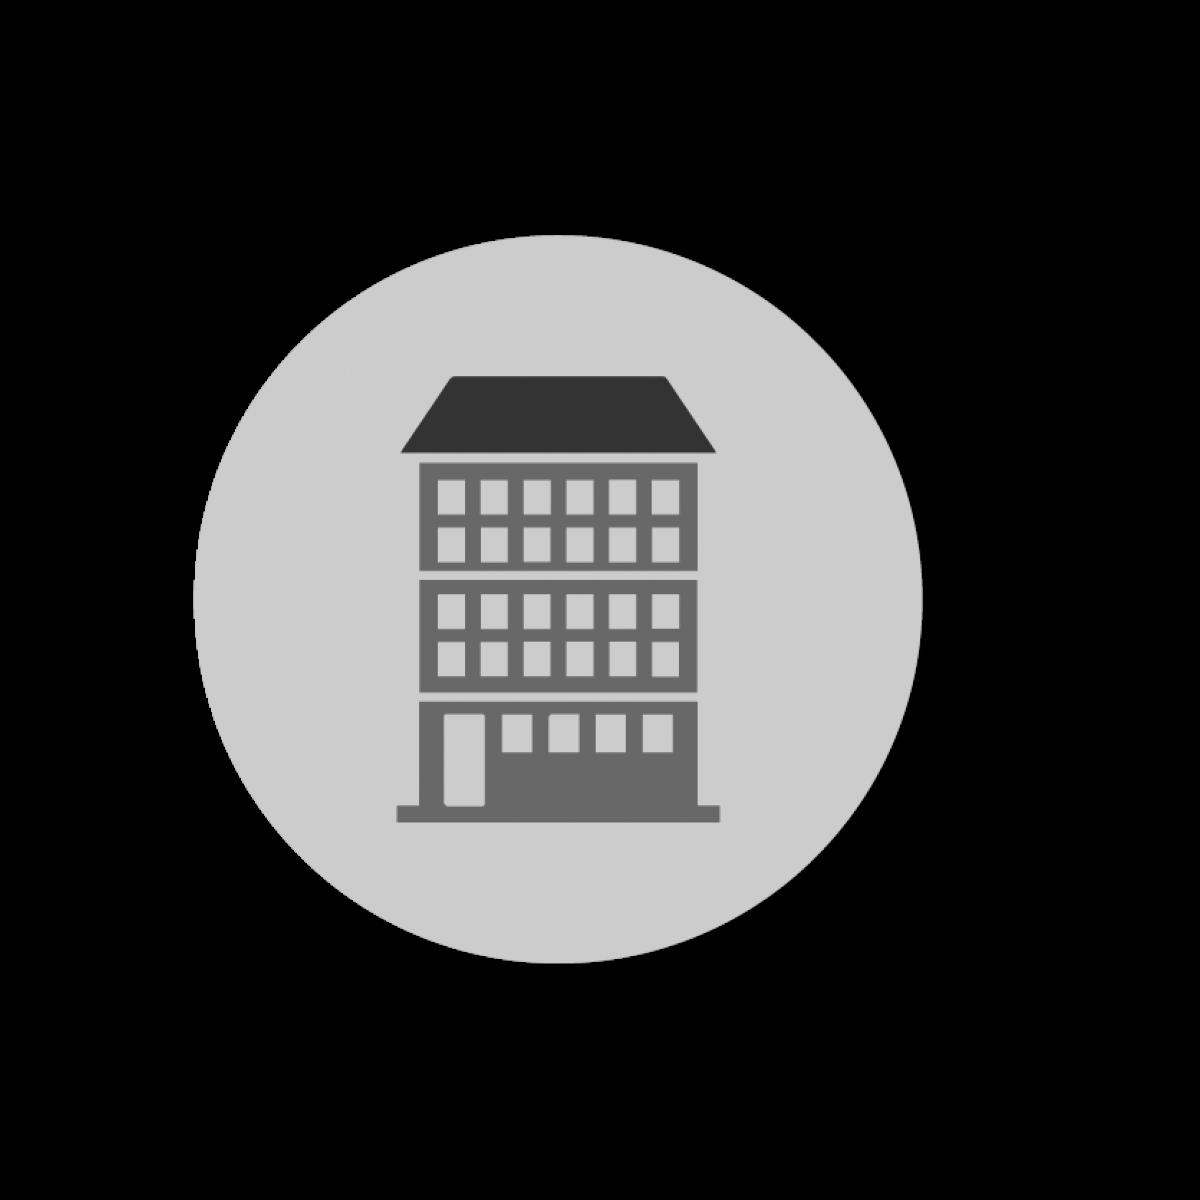 servicios jmv iconos-05